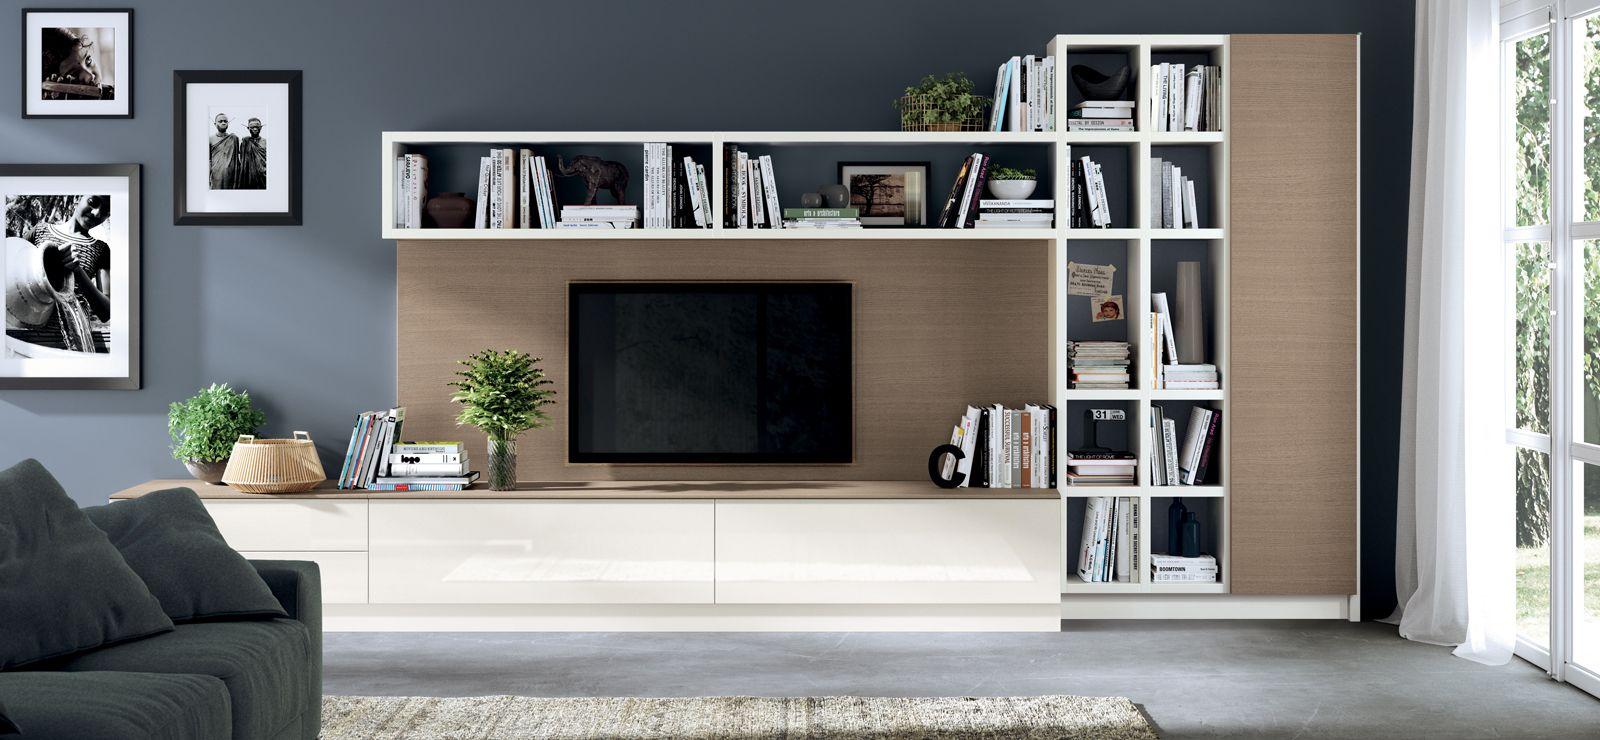 Living Scavolini | Idee | Pinterest | Salotto moderno, Salotto e Moderno